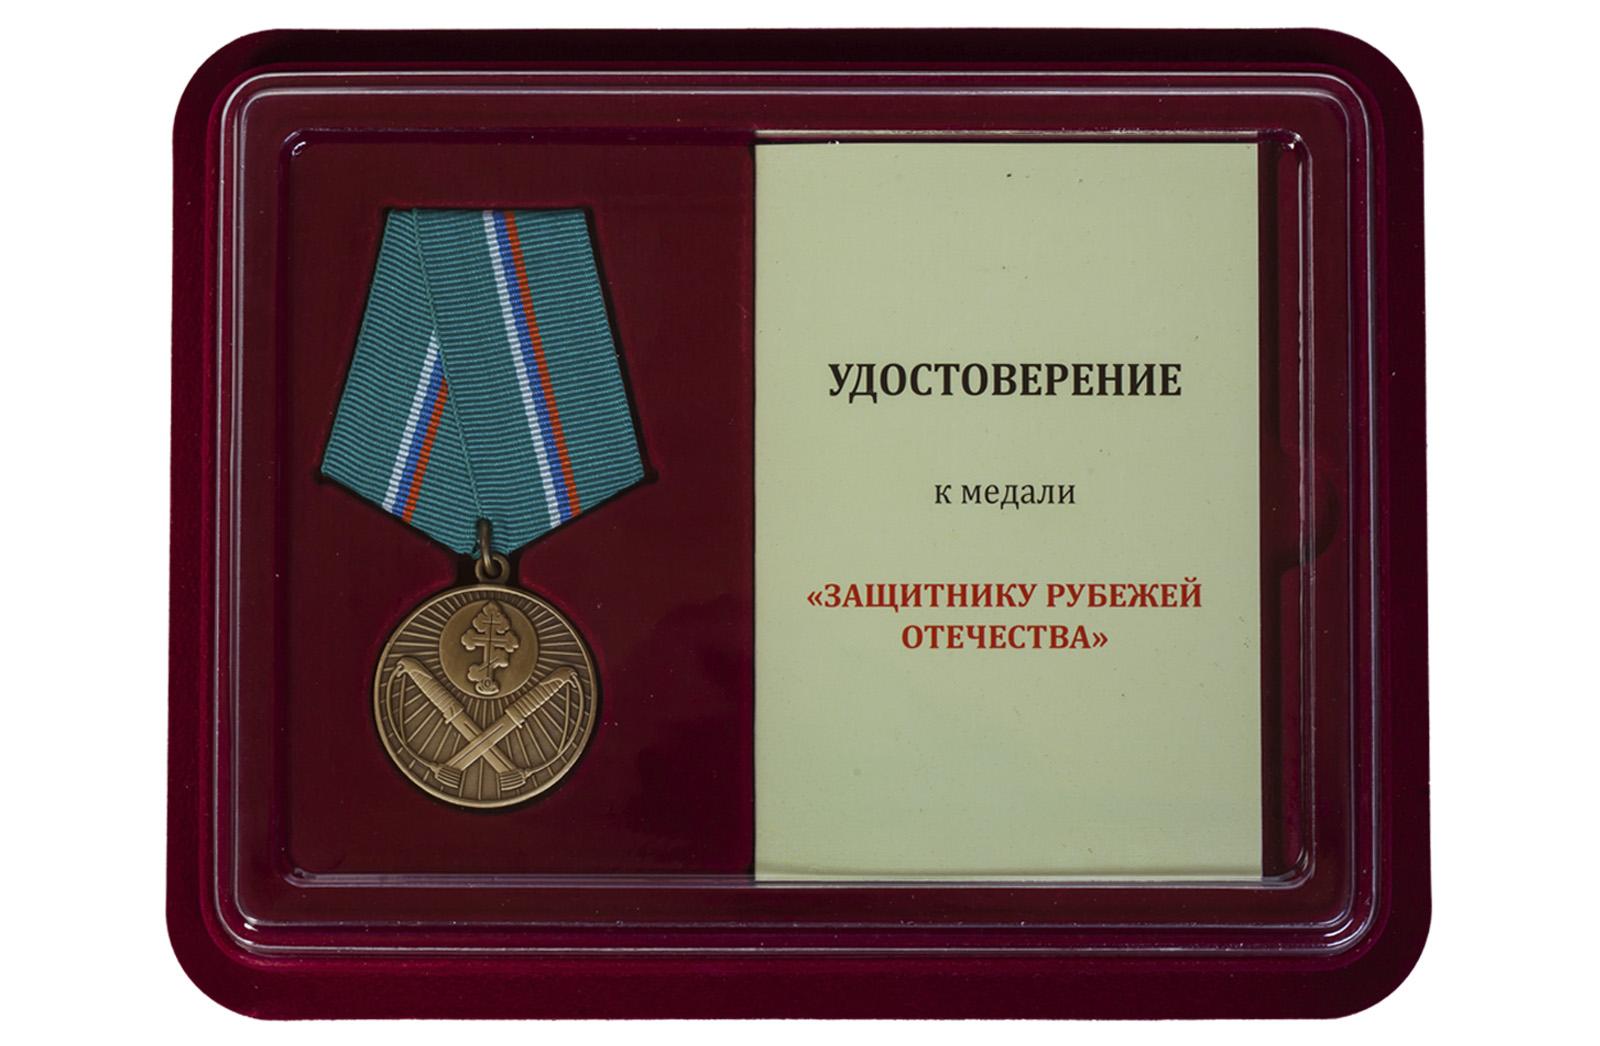 Медаль Защитнику рубежей Отечества - с удостоверением